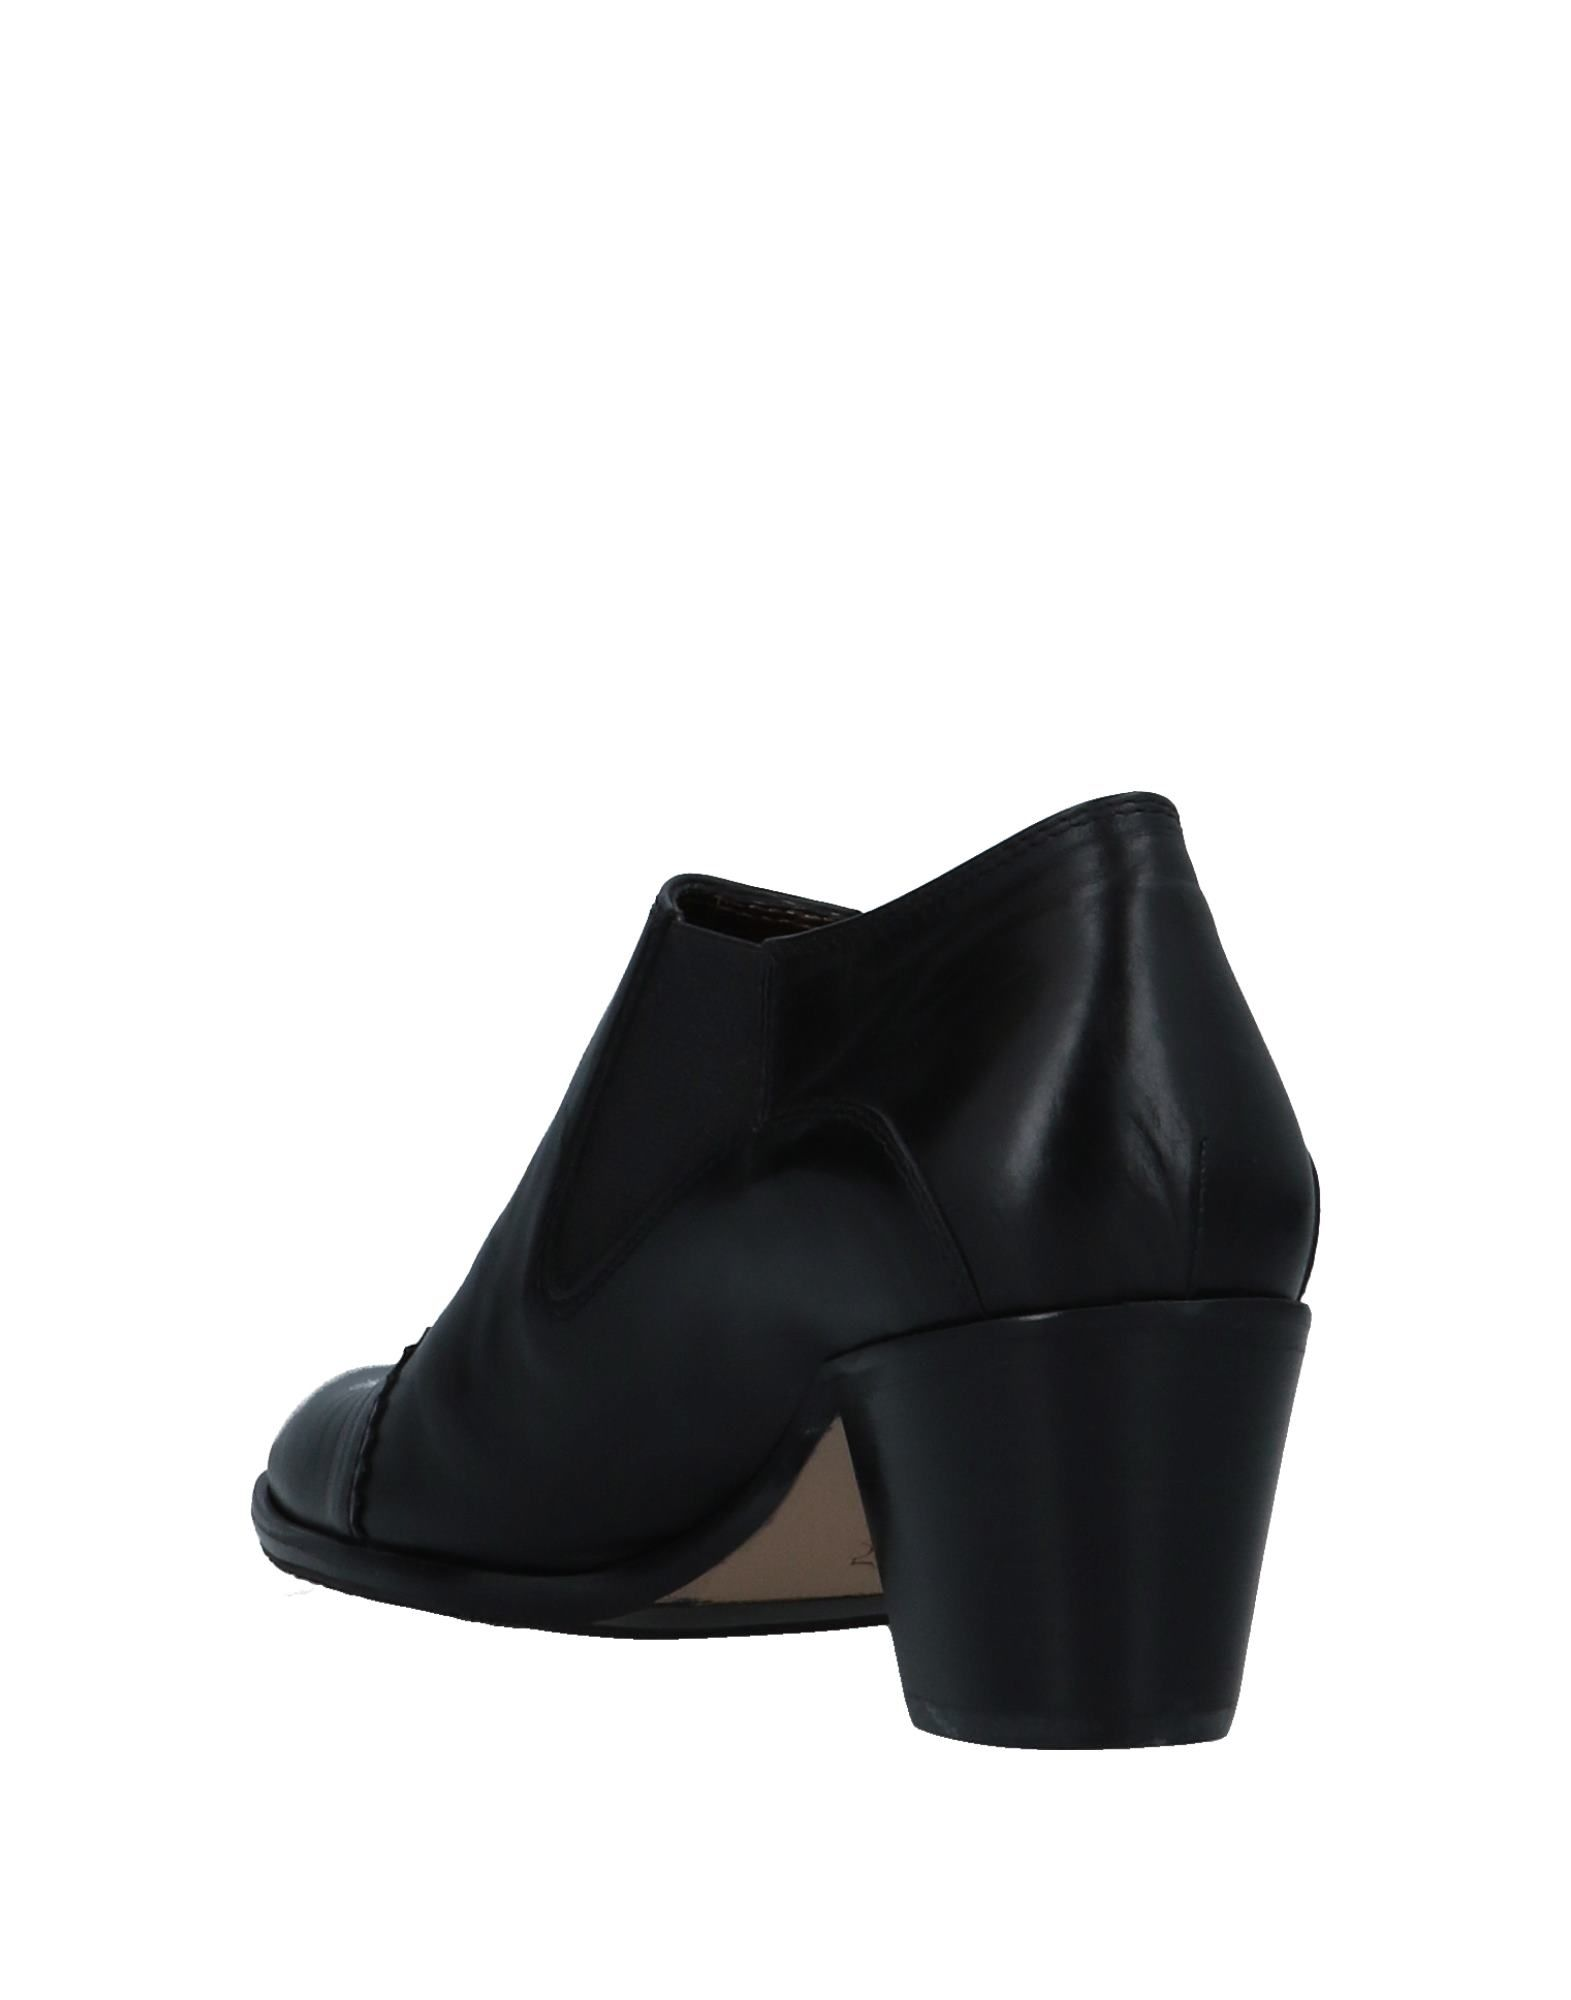 Gut um billige Damen Schuhe zu tragenDolce Rosa Stiefelette Damen billige  11538041SE f7f7bf